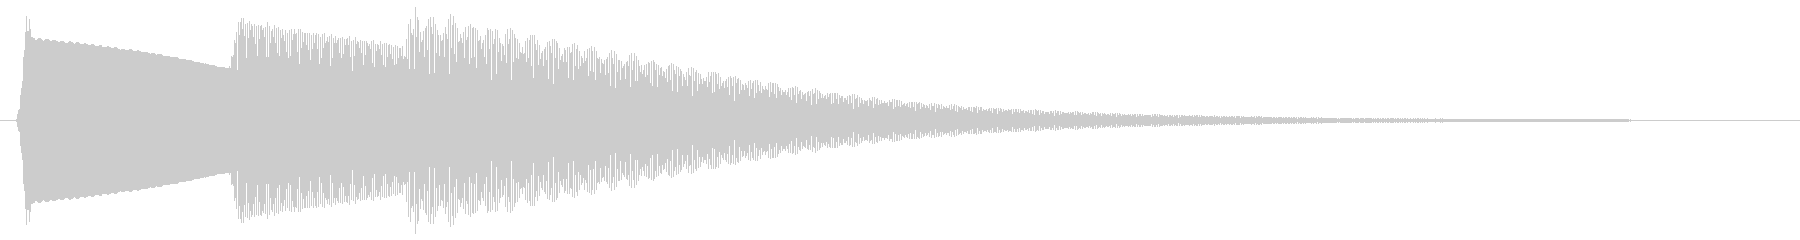 ピロリン(魔法にかかる音)の未再生の波形